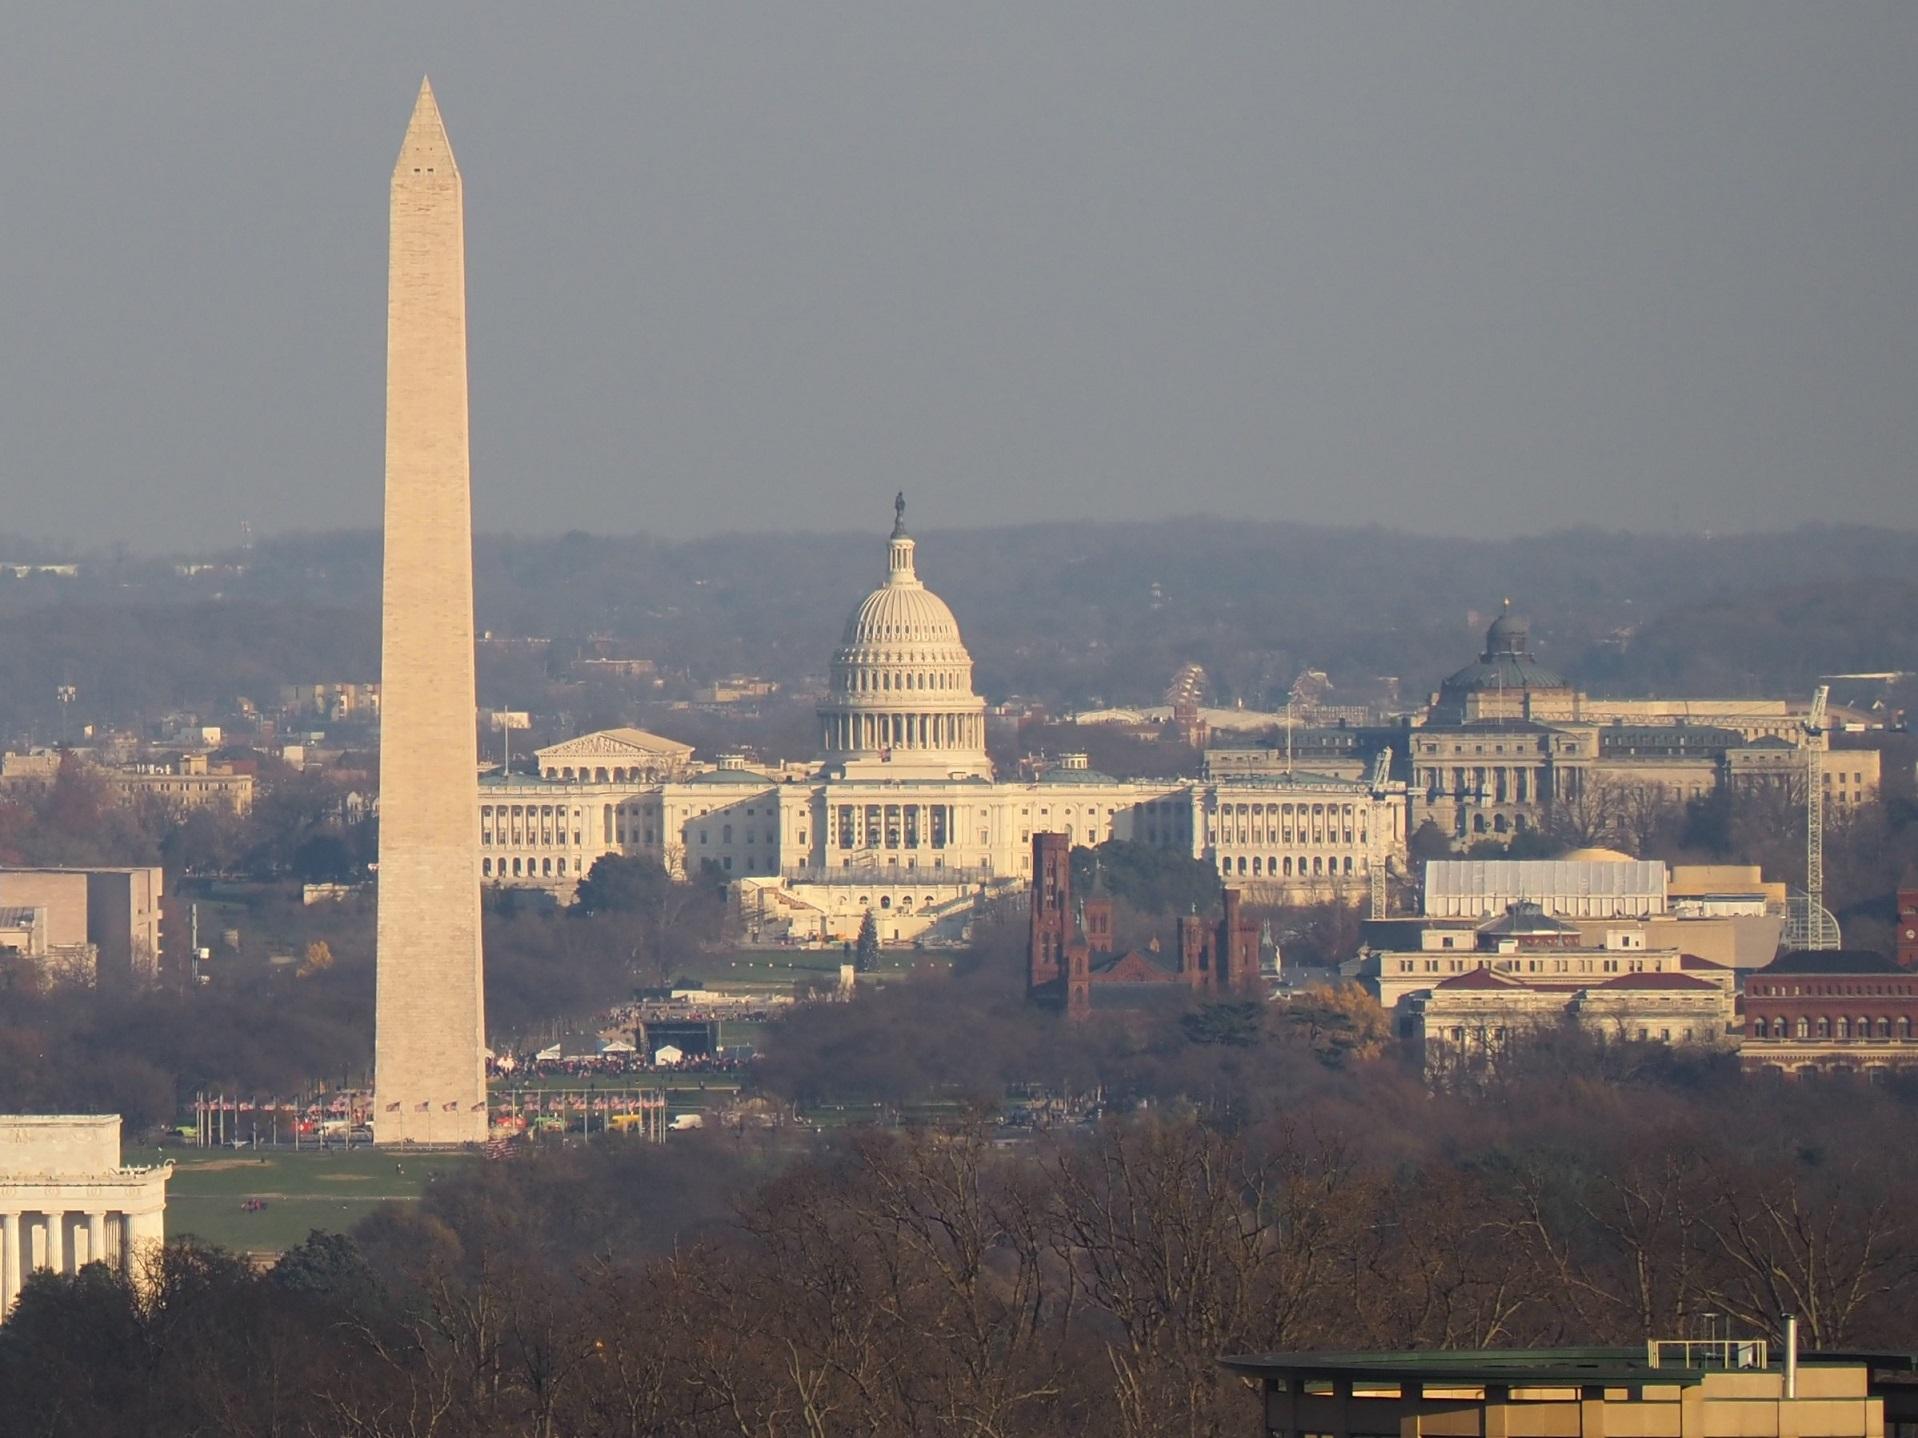 ワシントンを象徴するワシントン記念塔と連邦議会議事堂